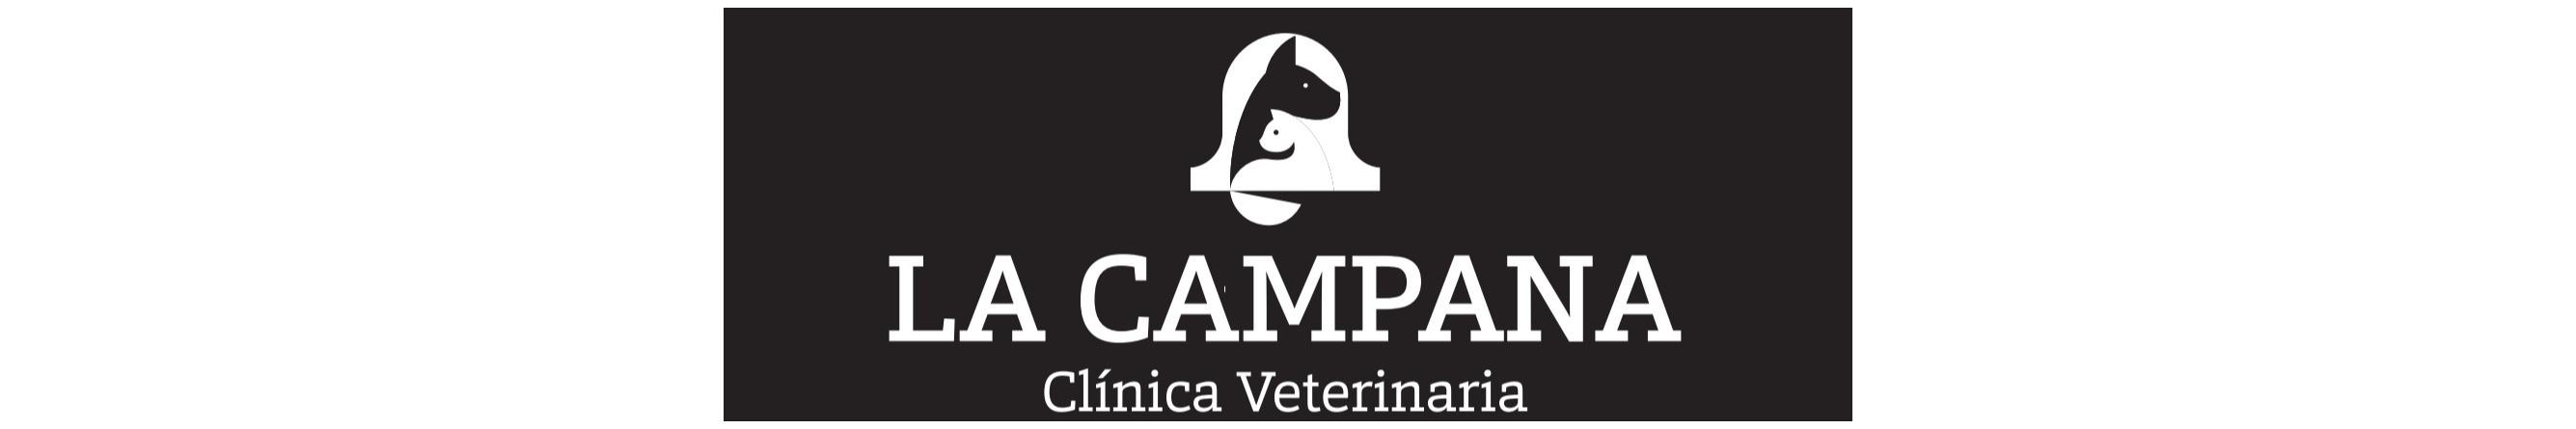 Clínica Veterinaria La Campana